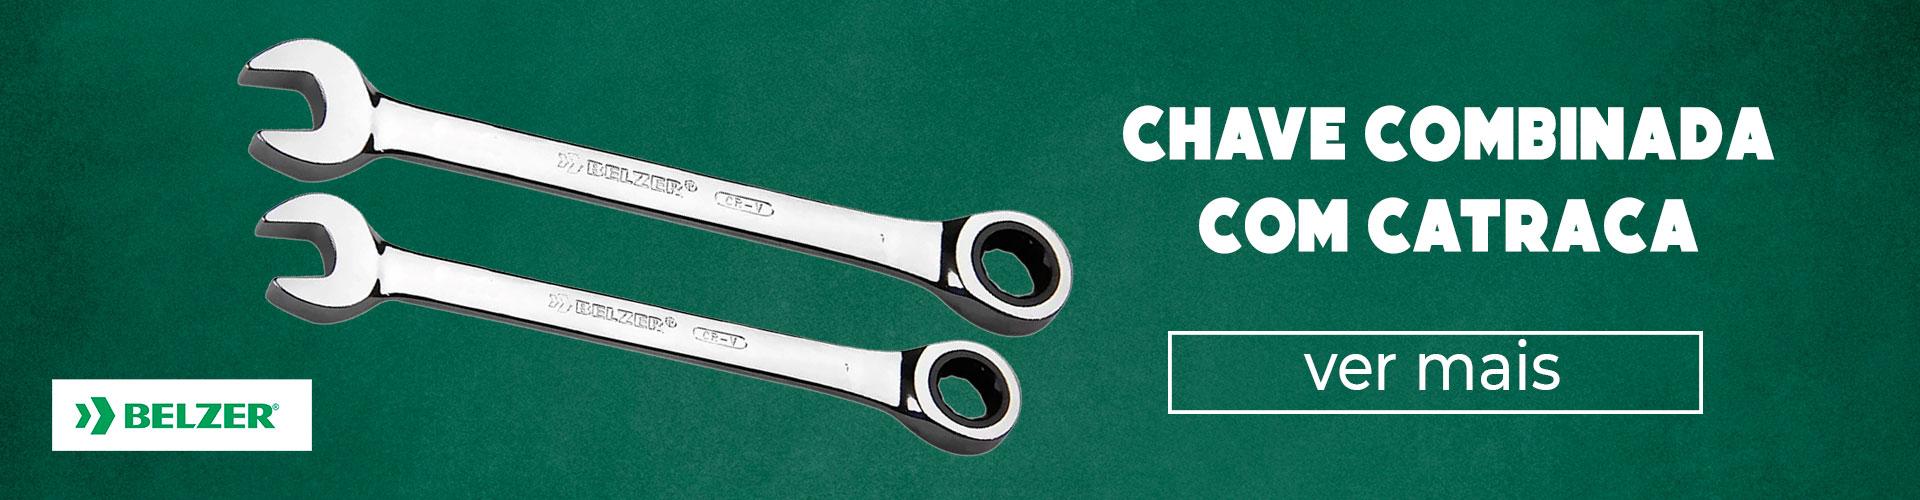 chave combinada com catraca ant ferramentas